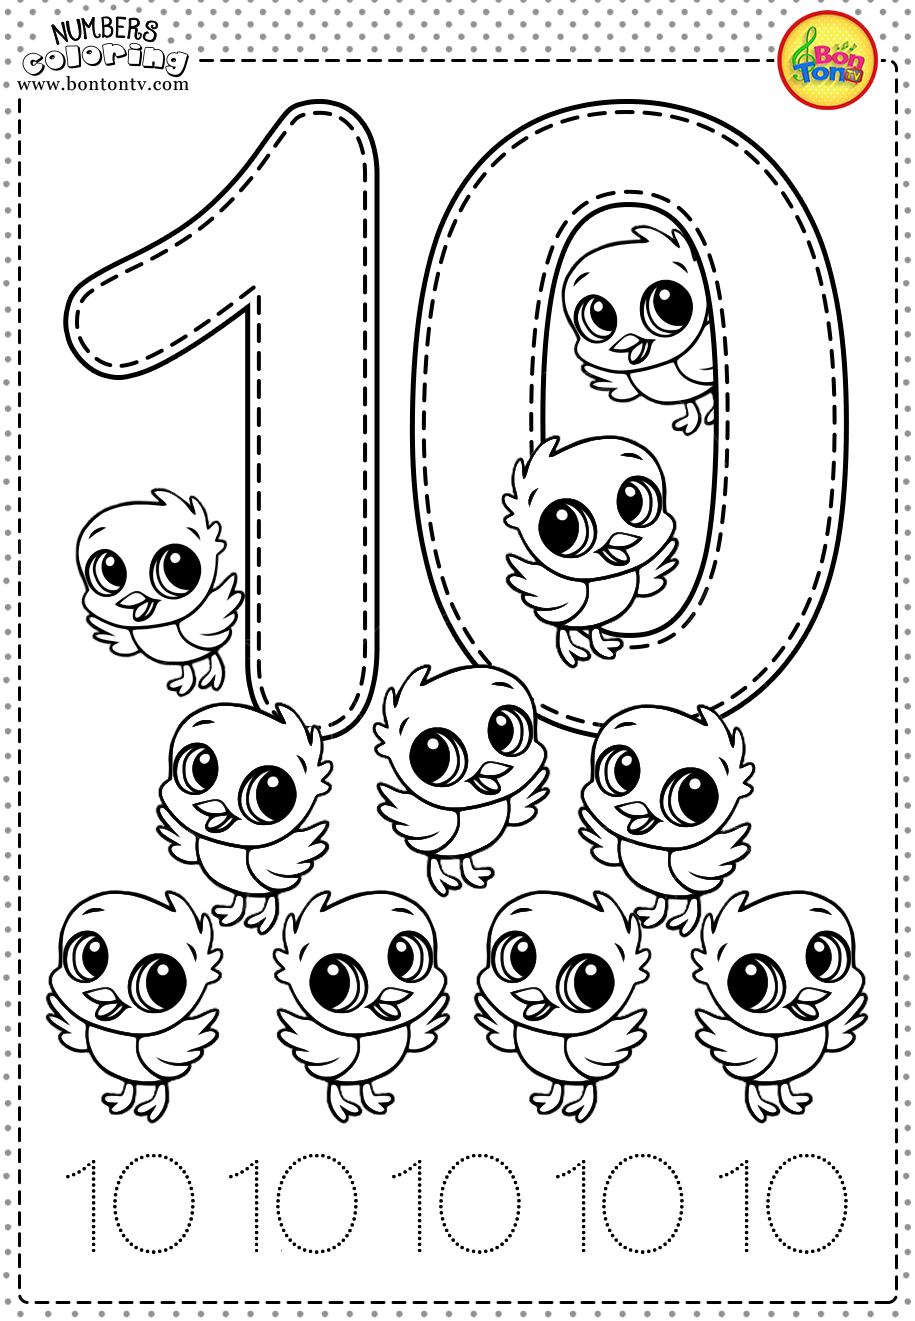 3 Number 10 Preschool Worksheet Practice Number 10 Preschool Printables Free Worksheets And In 2020 Numbers Preschool Kids Learning Numbers Free Preschool Printables